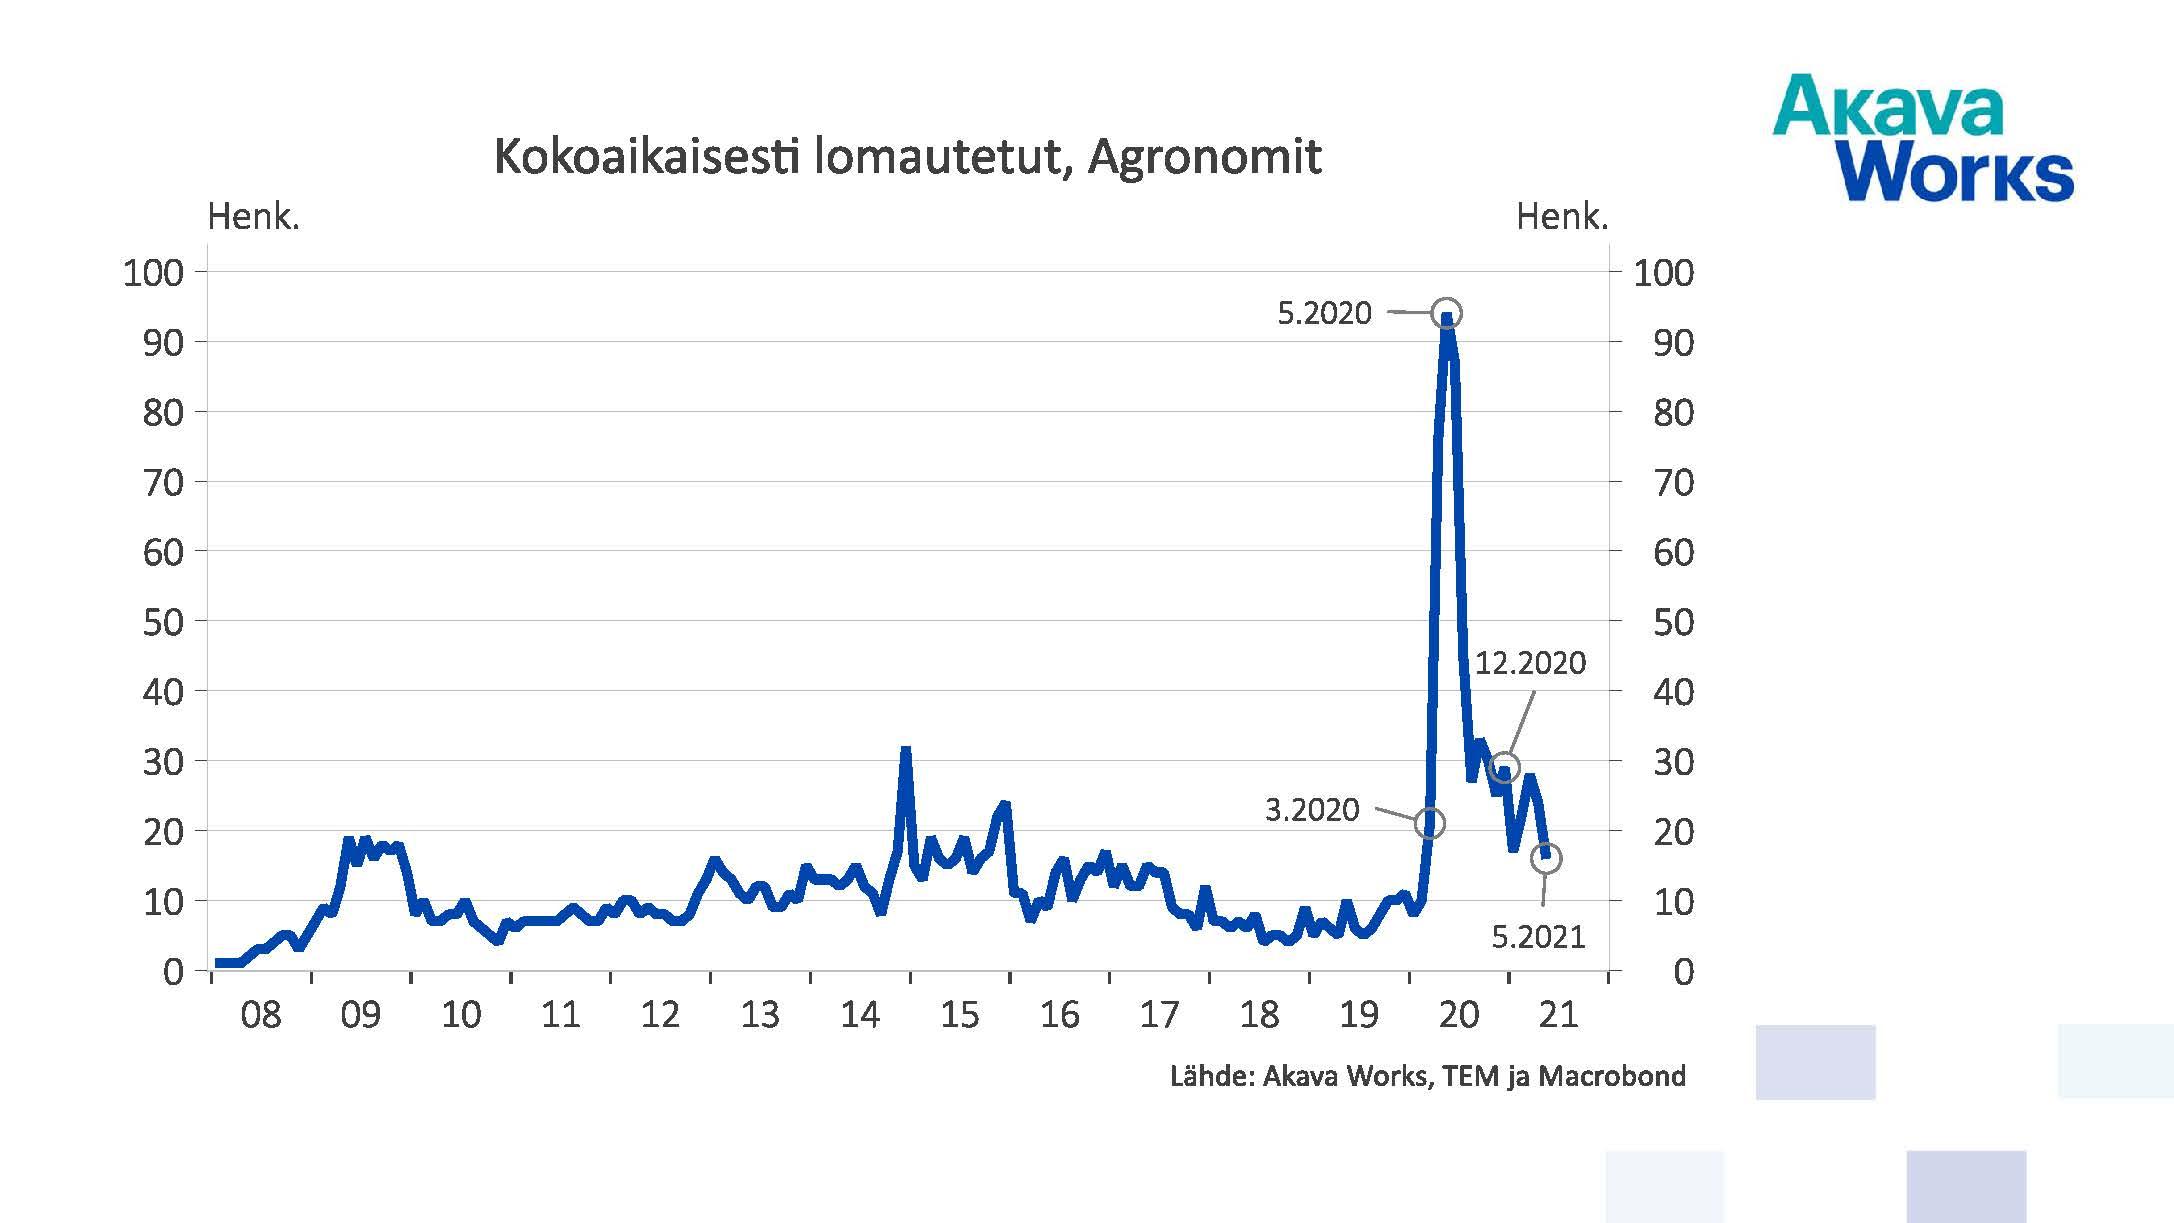 Kokoaikaisesti lomautetut agronomit 05/2021